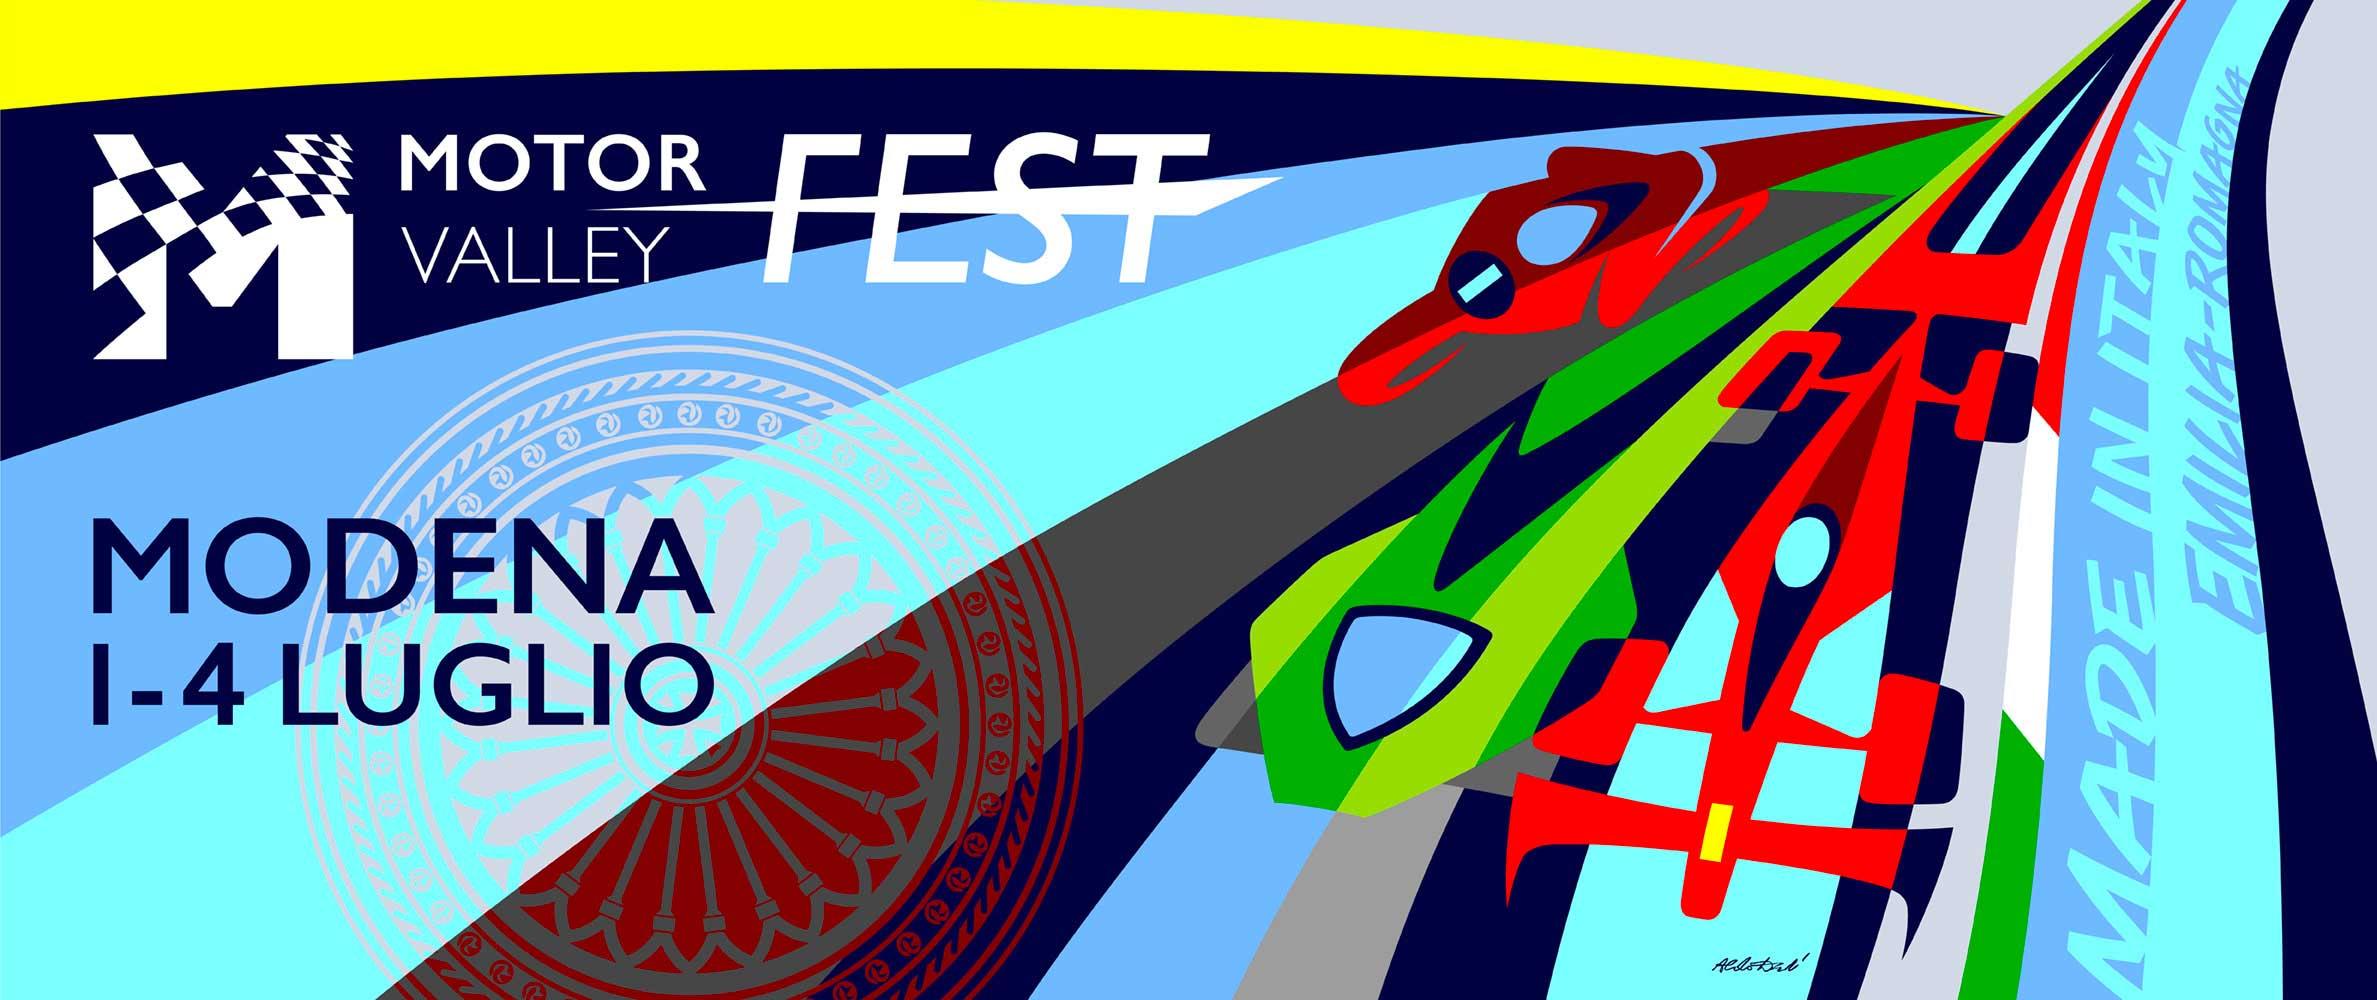 Motor Valley Fest 2021: gli appuntamenti da non perdere con il nostro Dipartimento